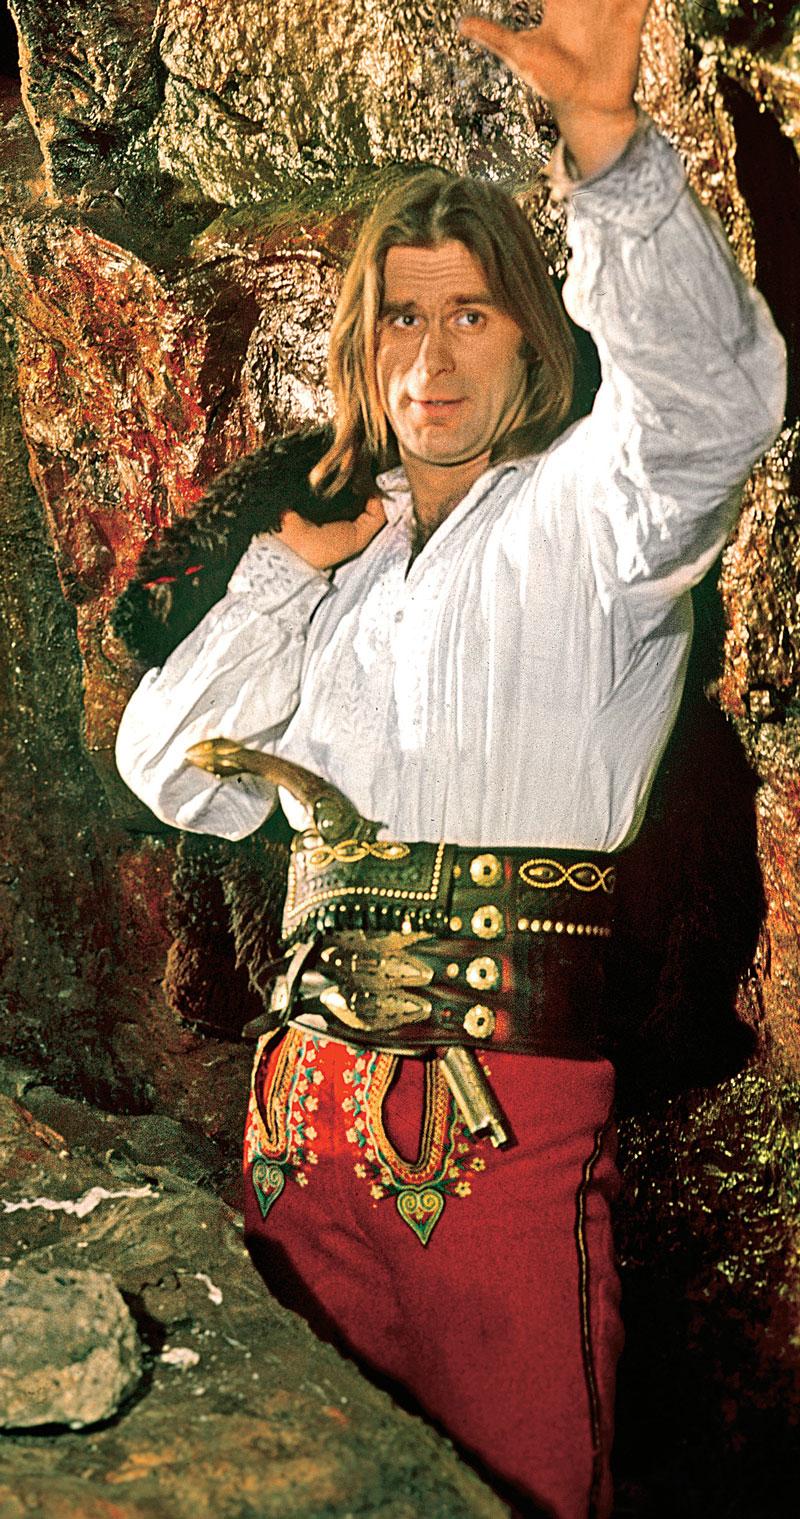 Janosik stał się jednocześnie największym sukcesem i kłopotem Marka Perepeczki. Tak był z nim kojarzony, że nigdy później nie dostał już równie ważnej roli /Kurier TV